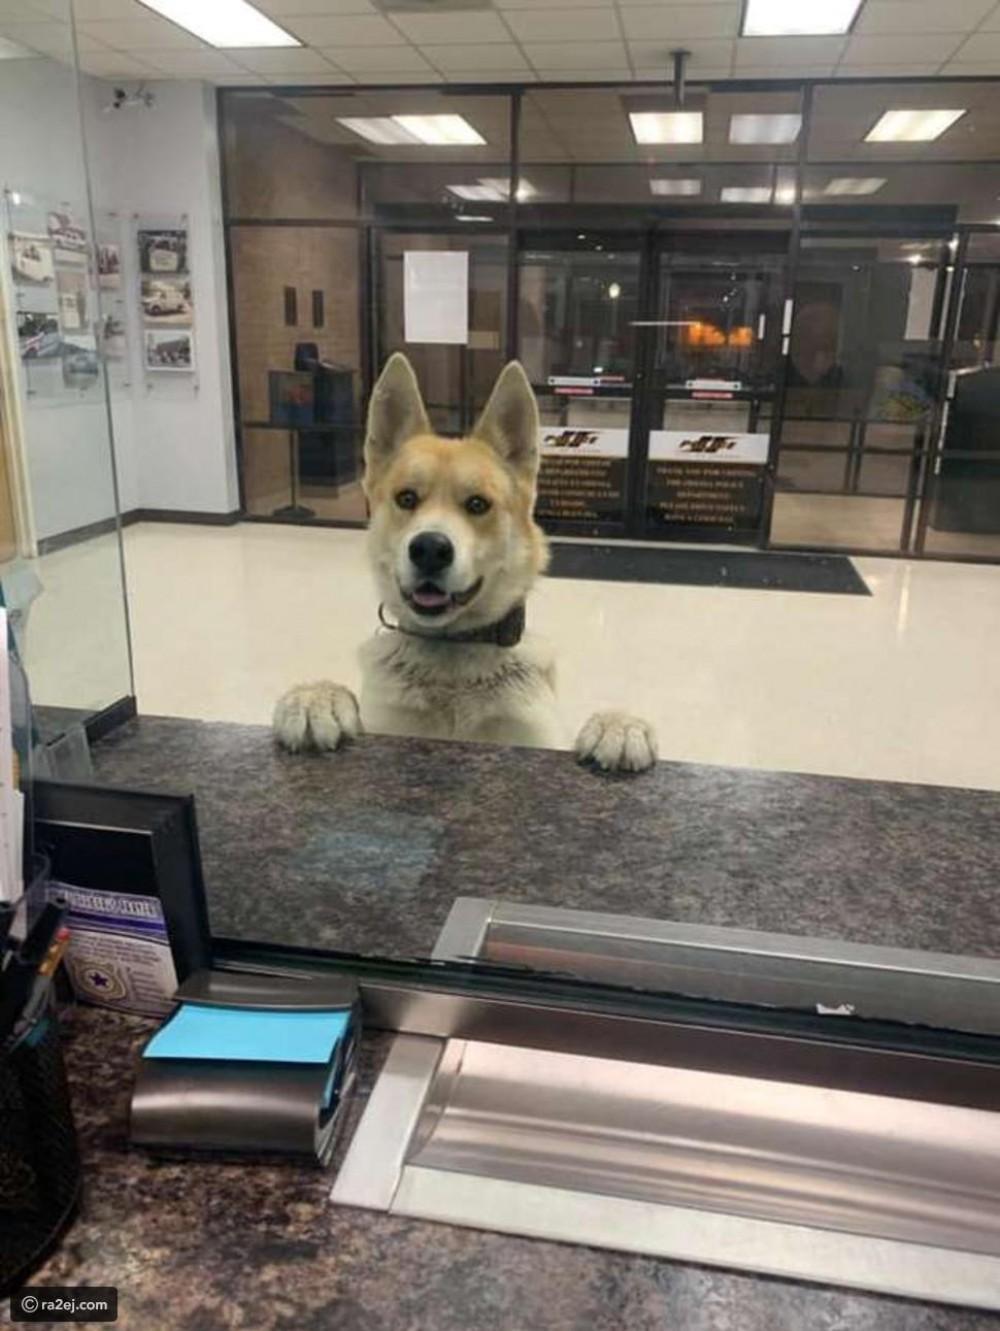 أذكى كلب في العالم: فقد طريقه فتوجه لتقديم بلاغ إلى الشرطة